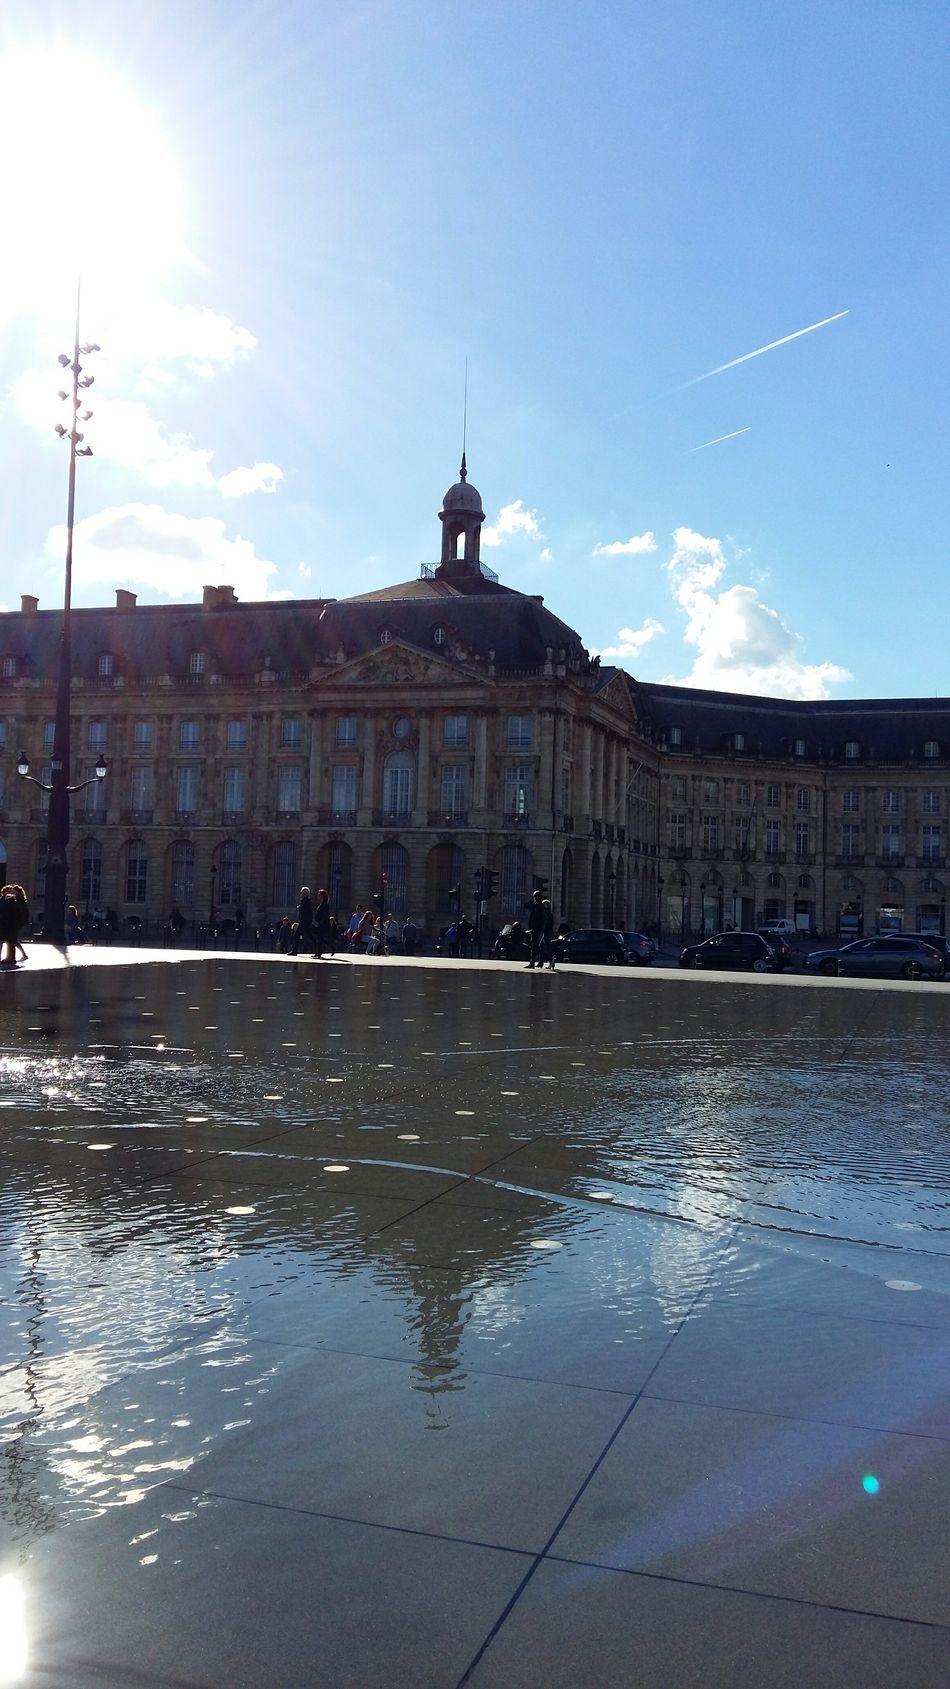 Bordeaux Place De La Bourse Miroir D'eau Reflection Sunny Day Cloudy Sky Architecture Outdoors France My Year My View The City Light